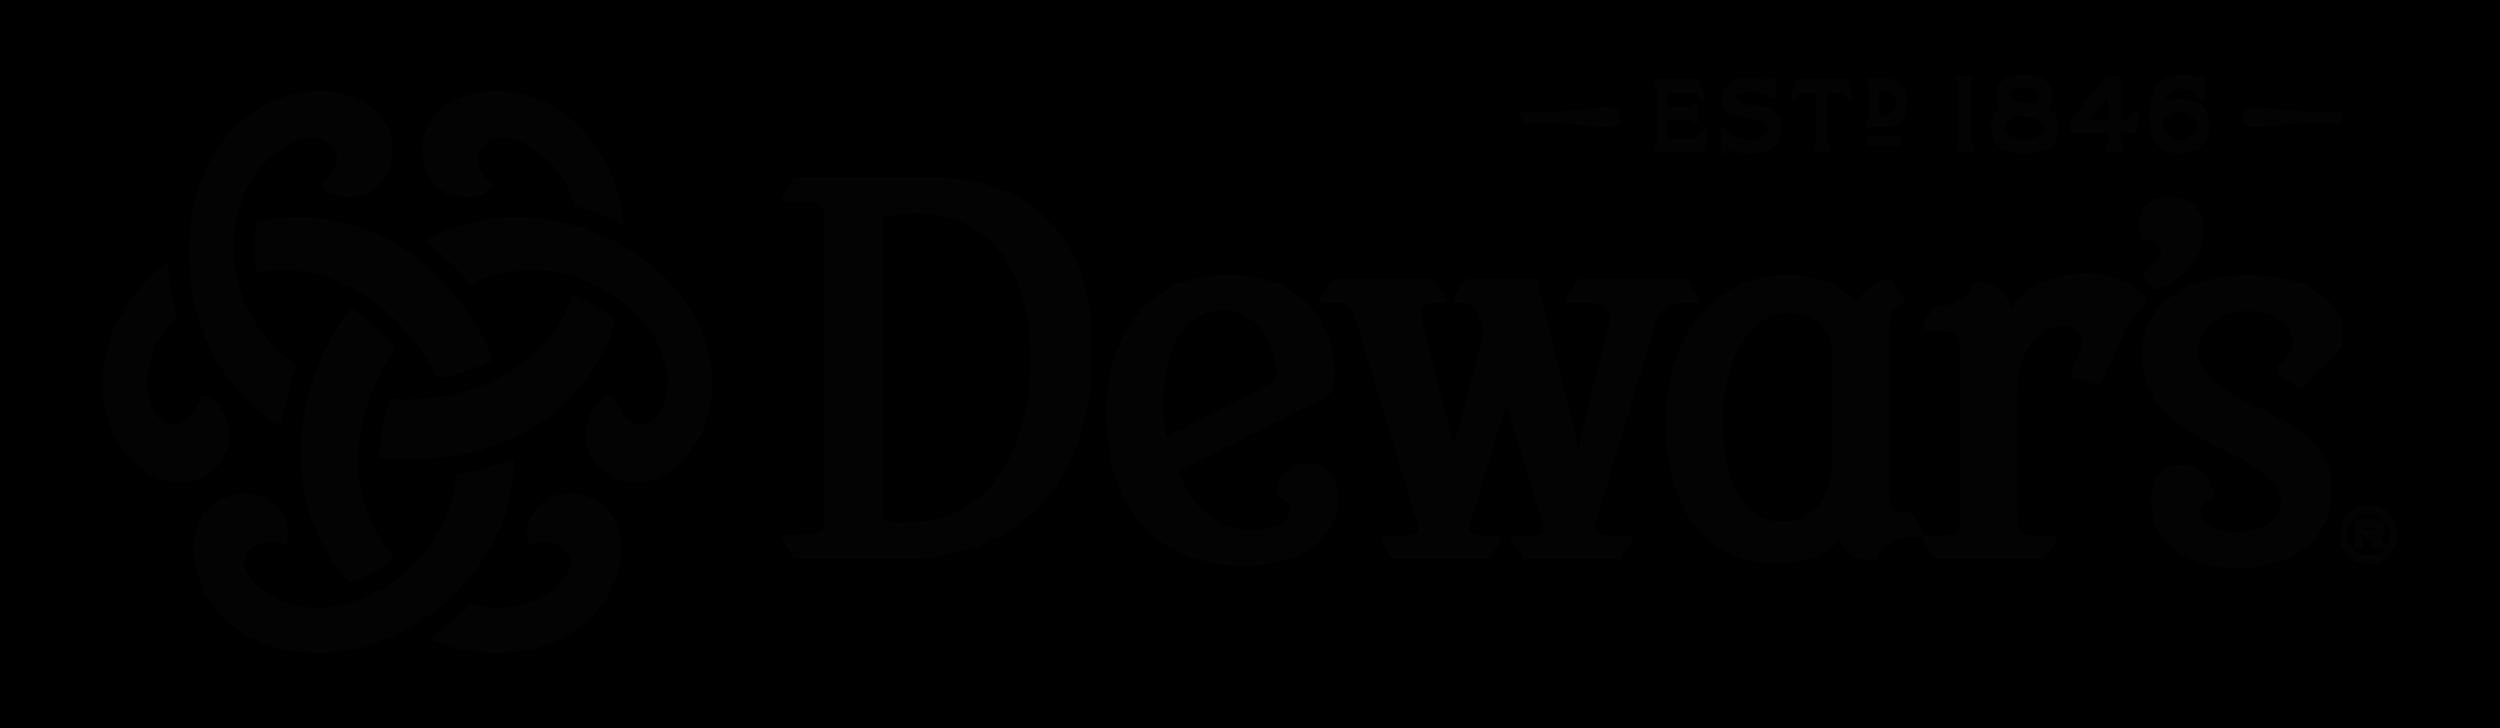 Dewars_Assets_Logo_Horizontal_Black-01.png